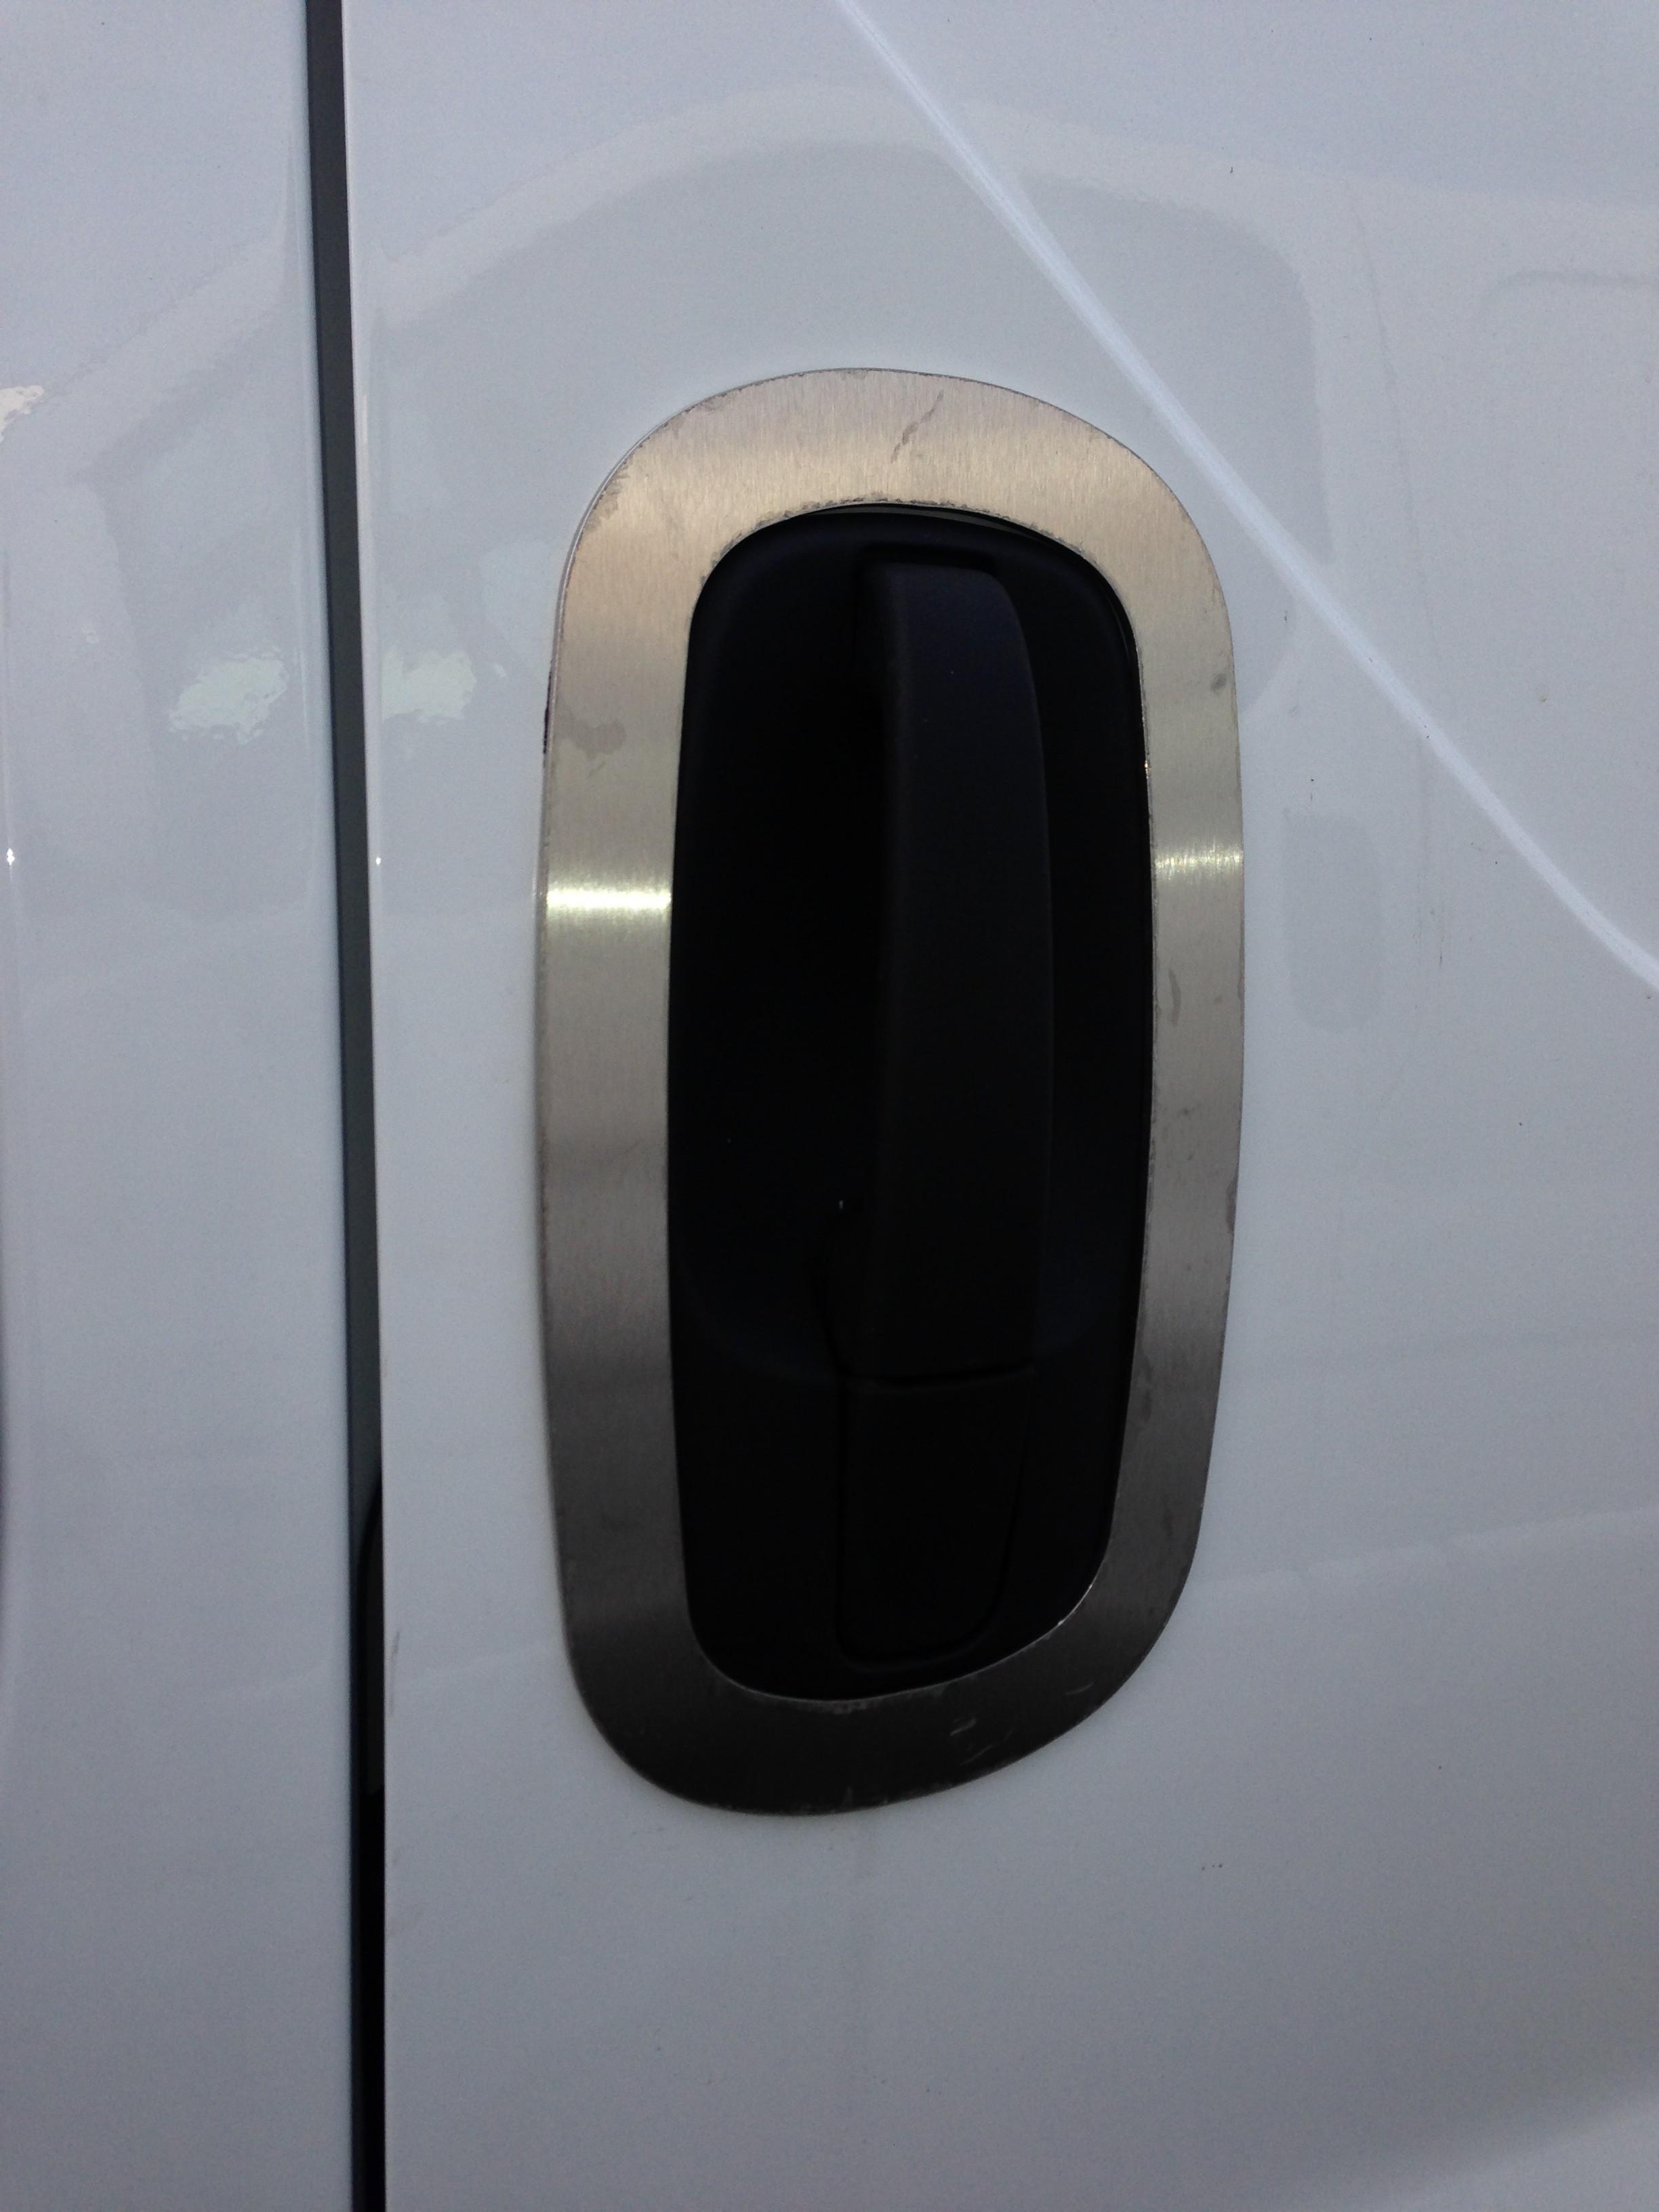 Protektaplate Vauxhall Vivaro Protektaplate Our